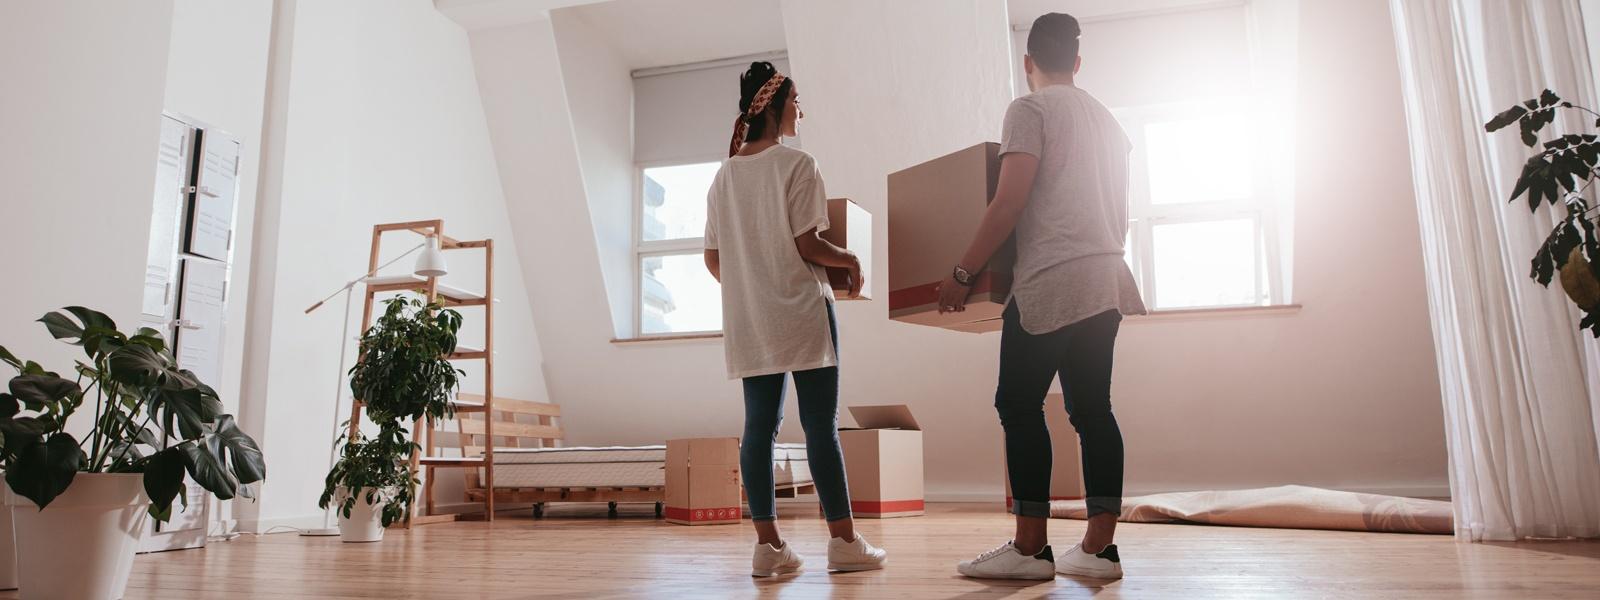 ¿Quiénes son los mejores arrendatarios para un nuevo apartamento?